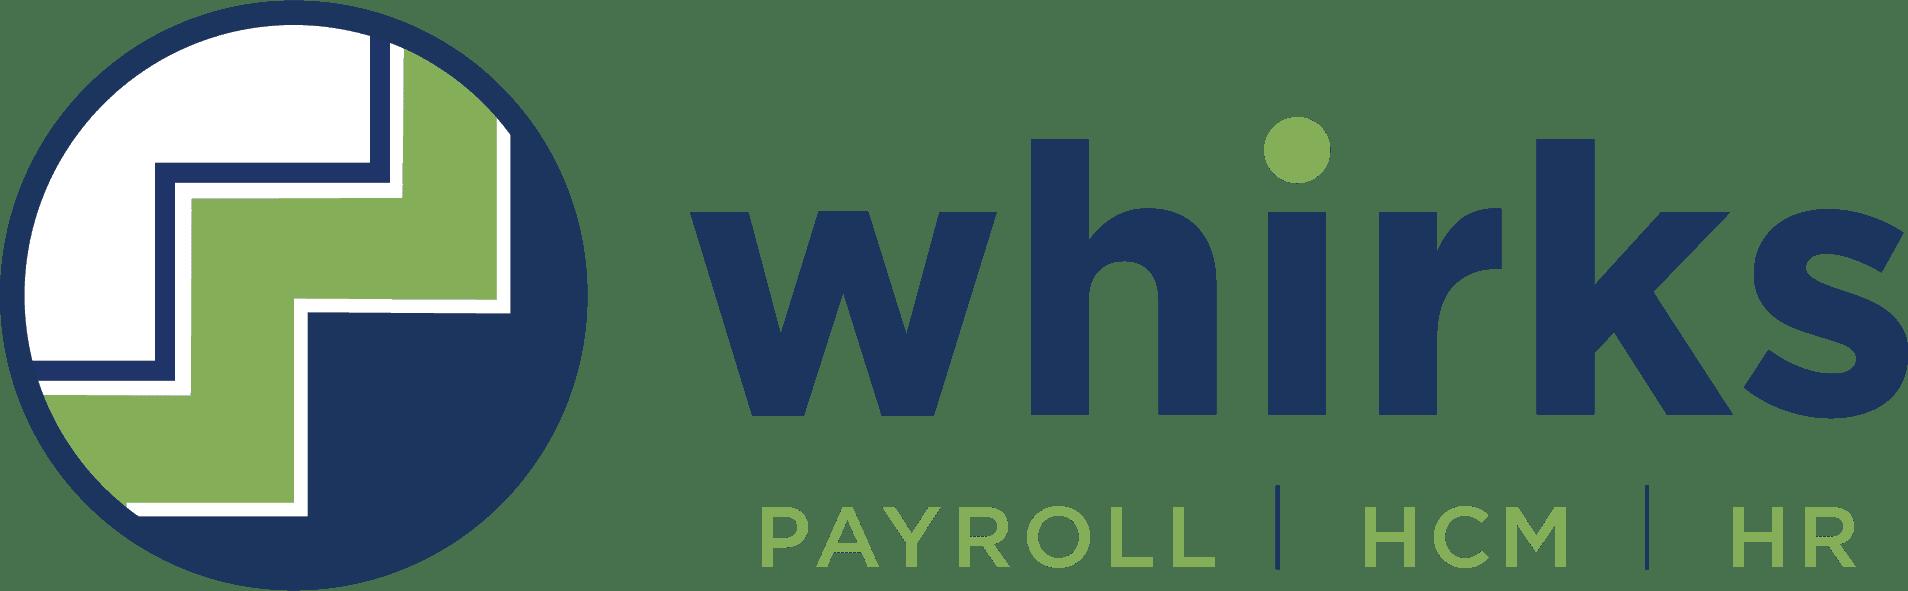 Full-Color-Logo